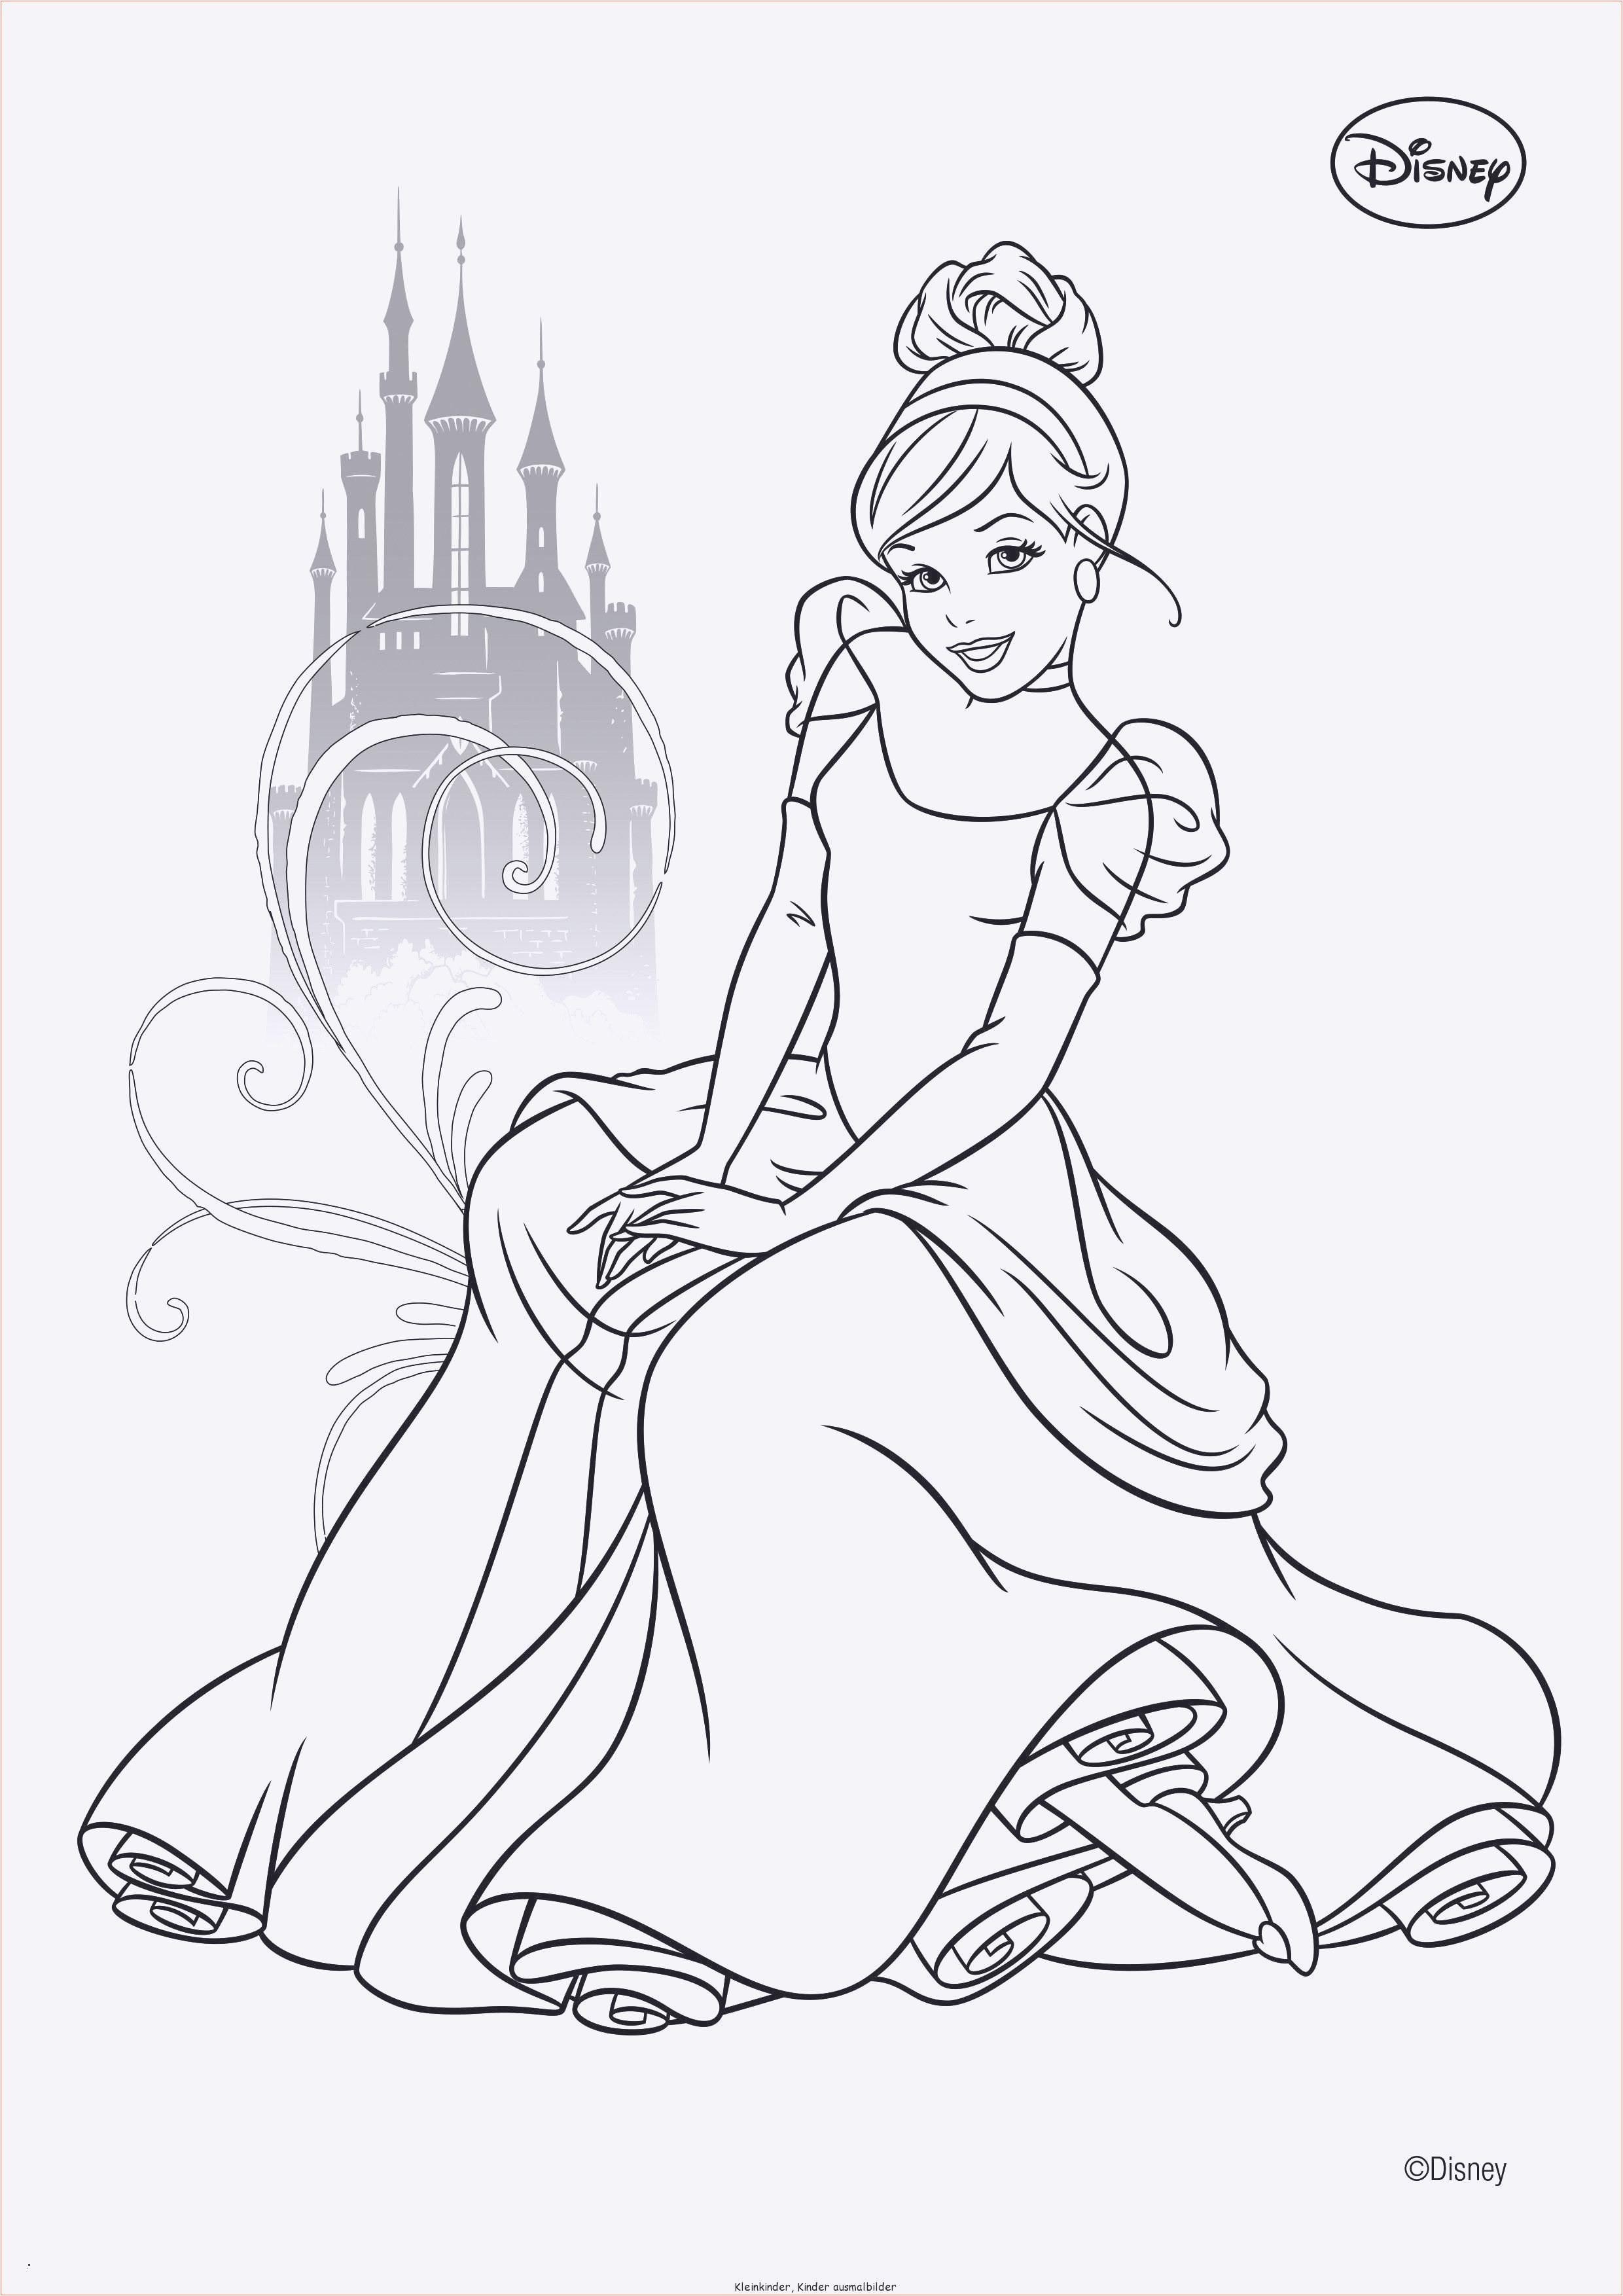 Ausmalbilder Disney Vaiana Einzigartig Ausmalbilder Disney Prinzessinnen Fotoshopik Design Neue Bilder